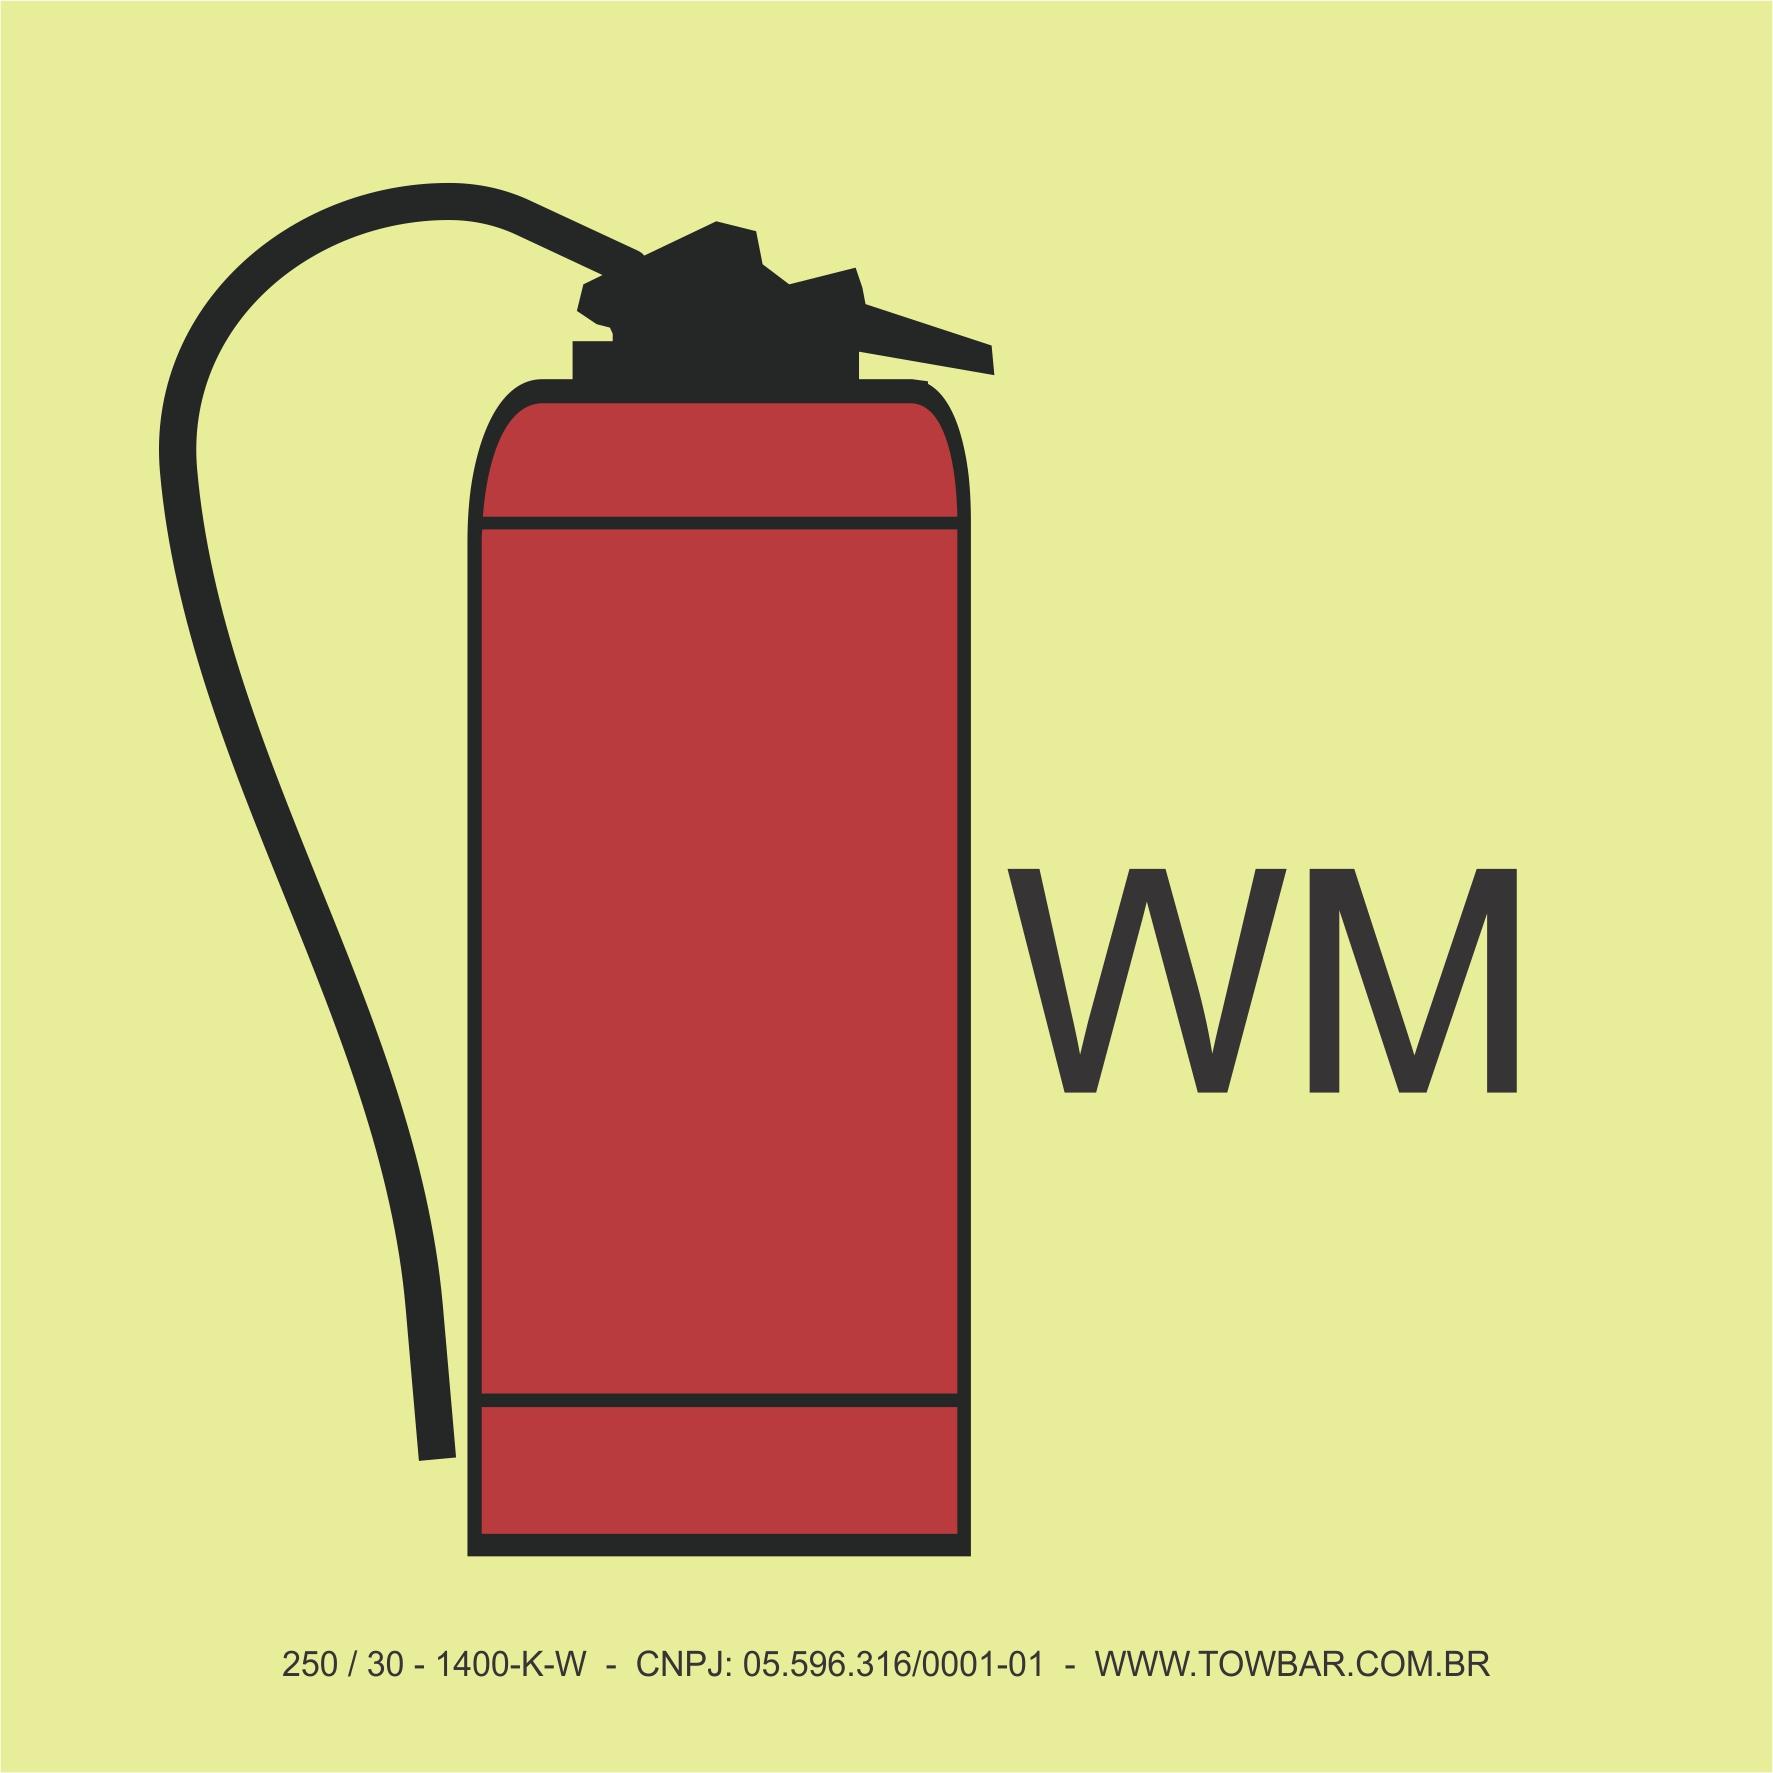 Extintor de Névoa de Água (Water mist fire extinguisher)  - Towbar Sinalização de Segurança